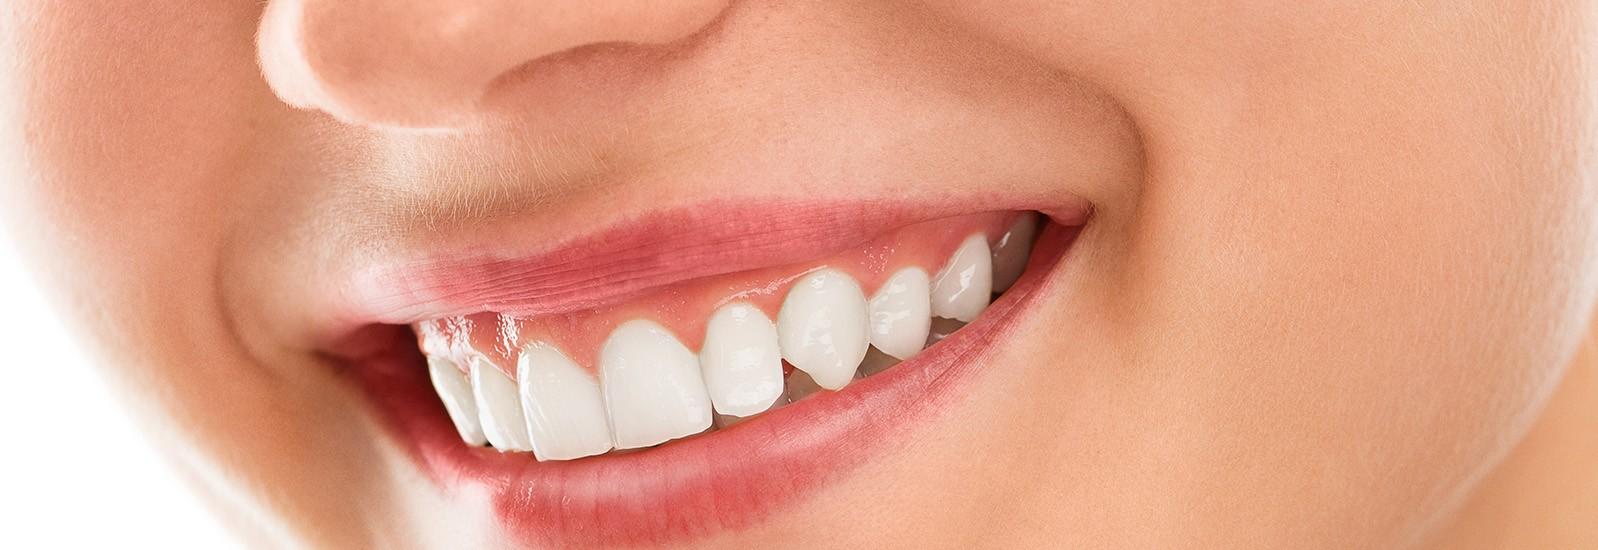 Gums Smile